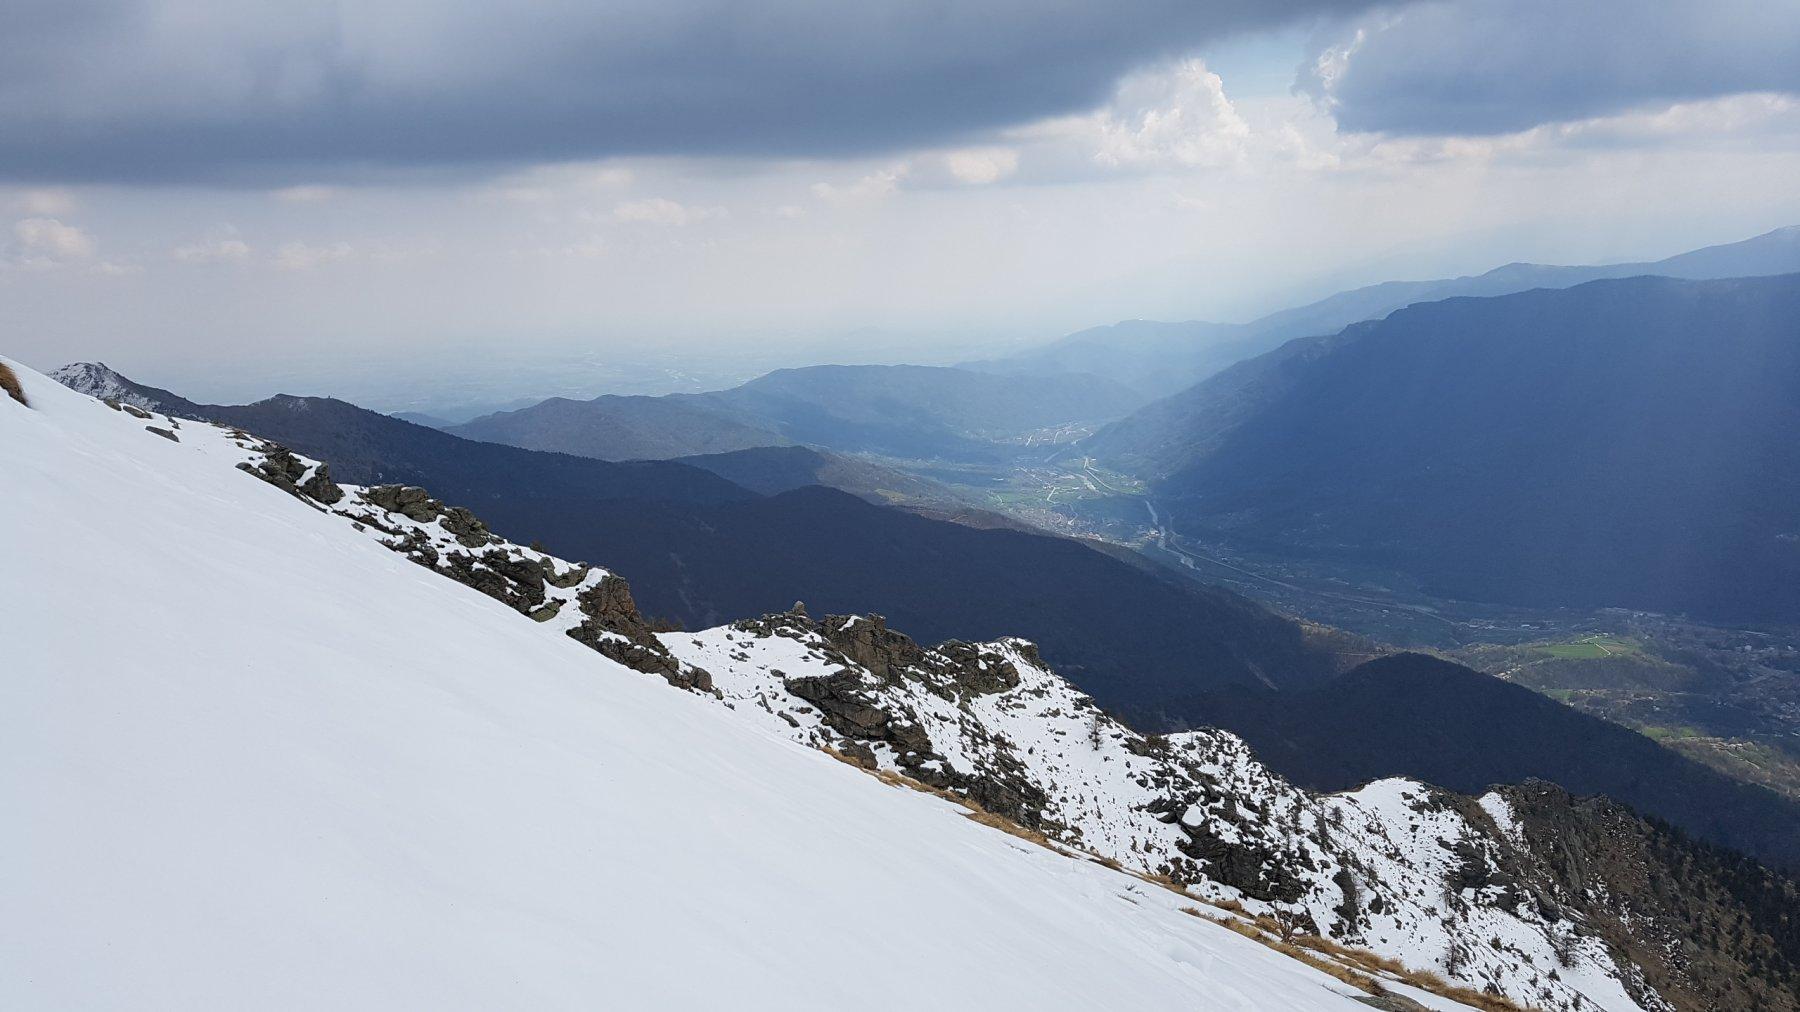 Vista dal crinale a quota 2100 verso la bassa Val Chisone